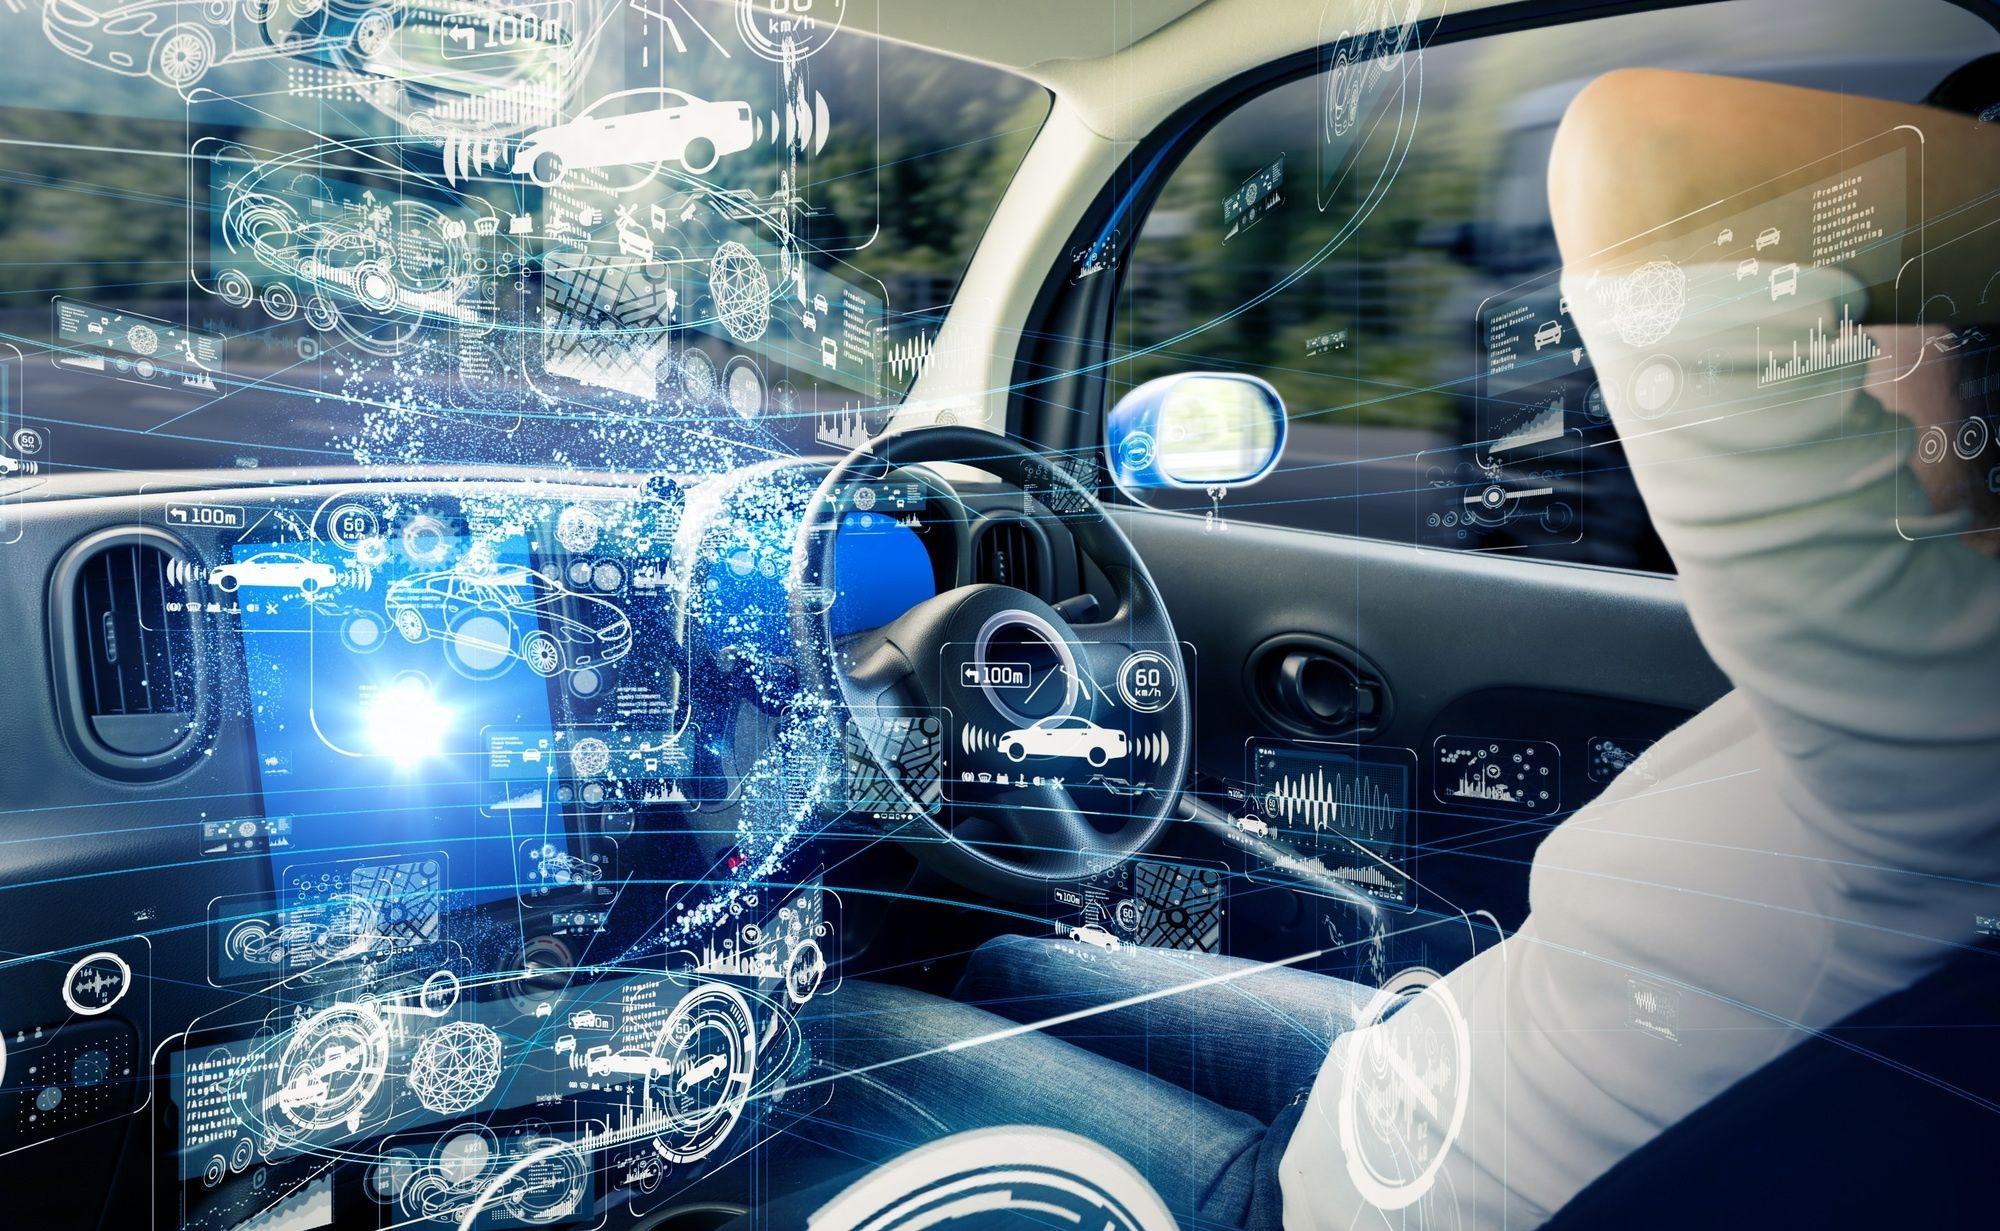 自動車ポータル運営のマークラインズ、SBI系と部品メーカーなどへの支援ファンド